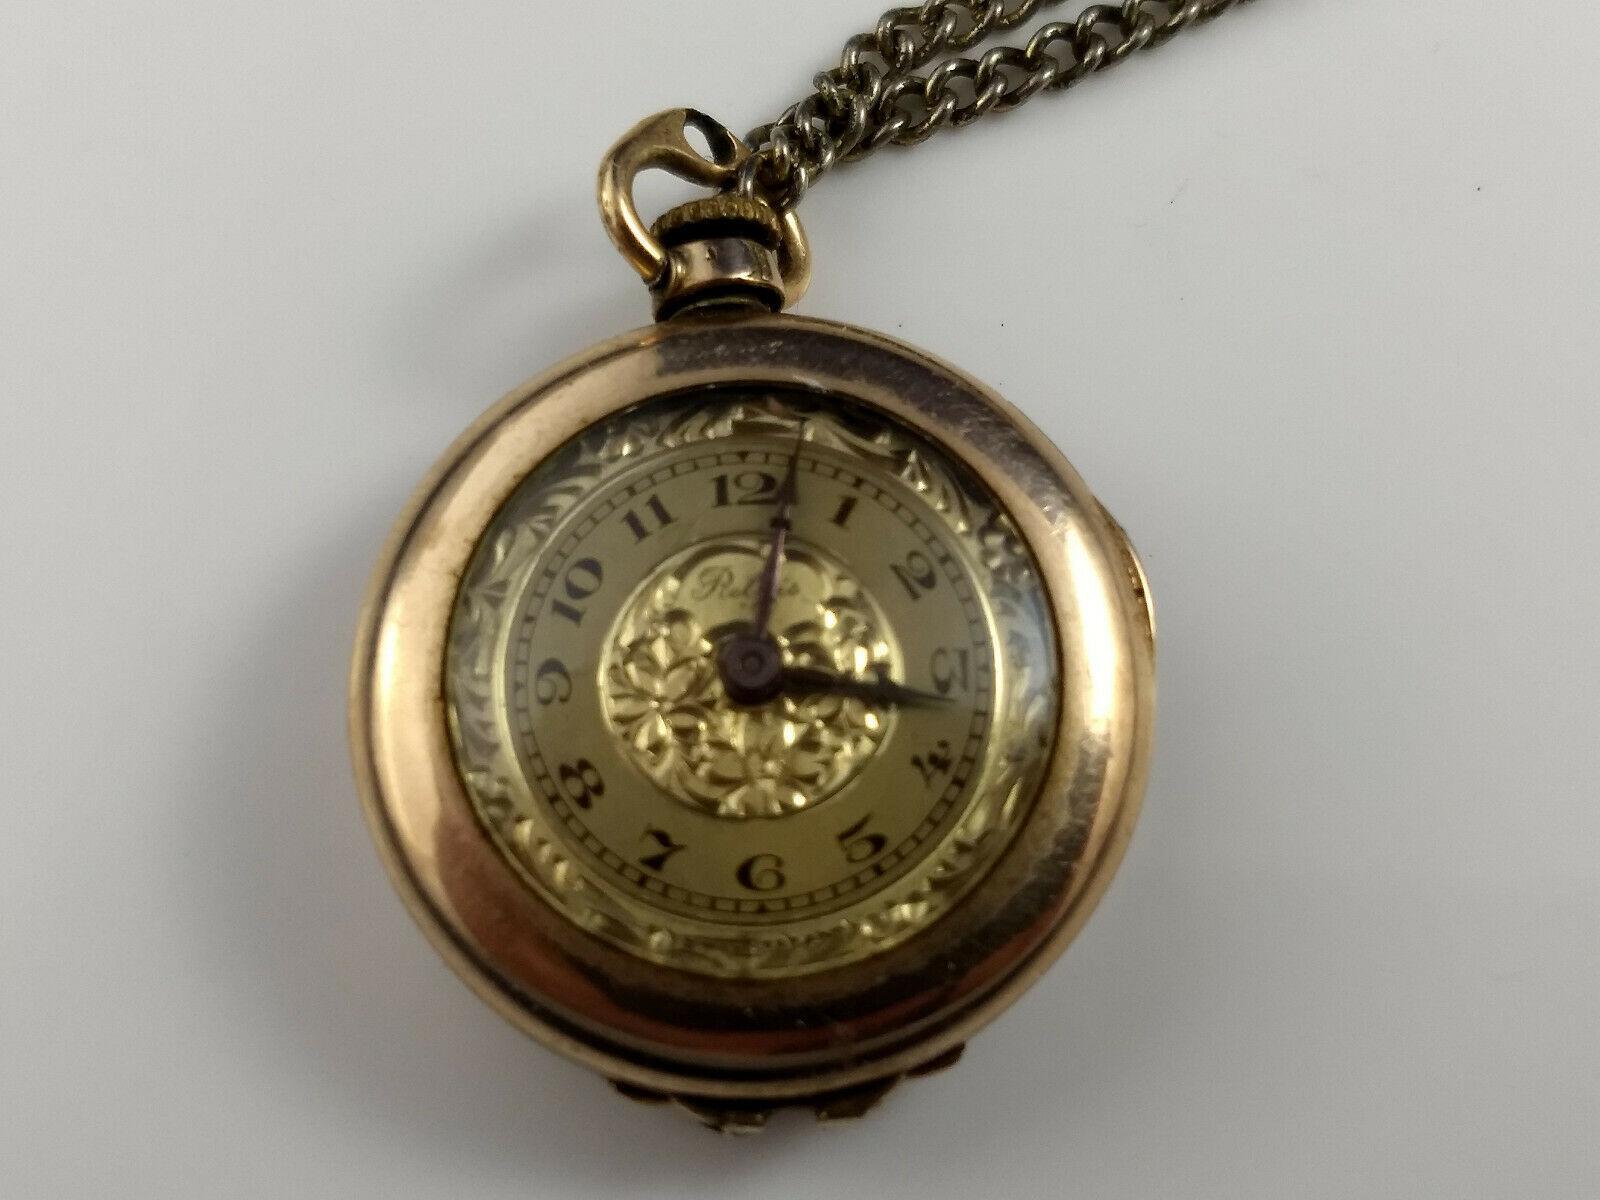 vtg WADSWORTH RELGIS HELBROS W & CO 15j 10k GOLD FILLED POCKET WATCH Swiss rare image 2